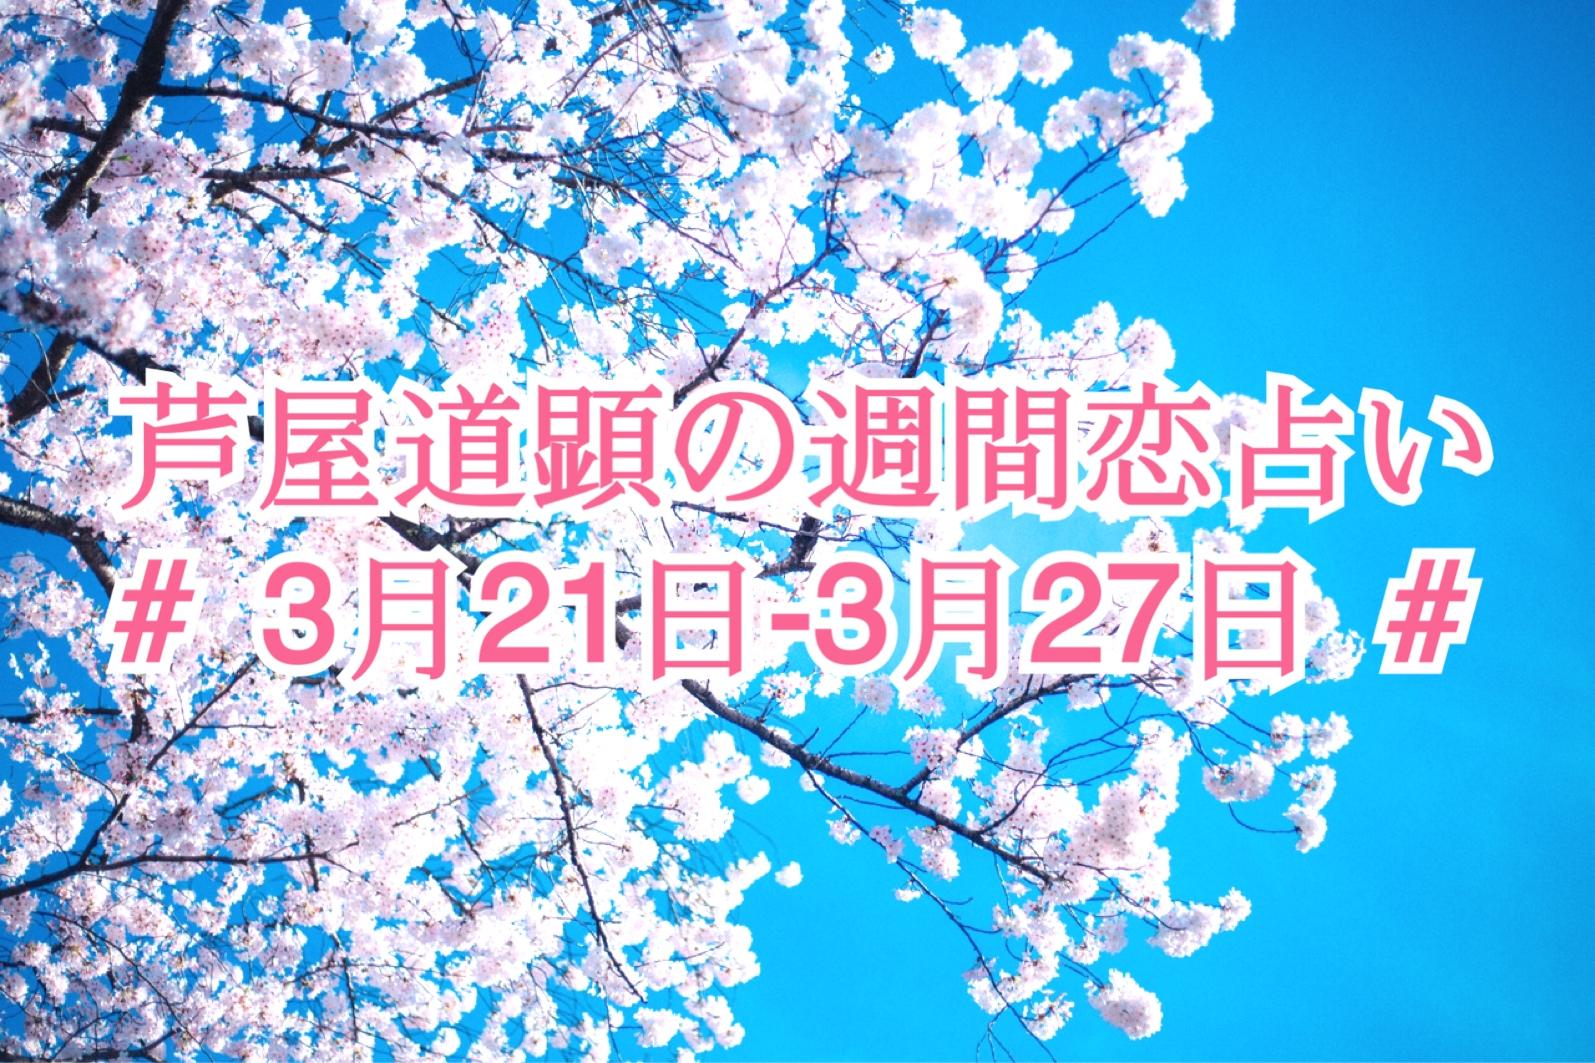 【今週の恋愛運】3月21日-3月27日の恋愛運【芦屋道顕の音魂占い】